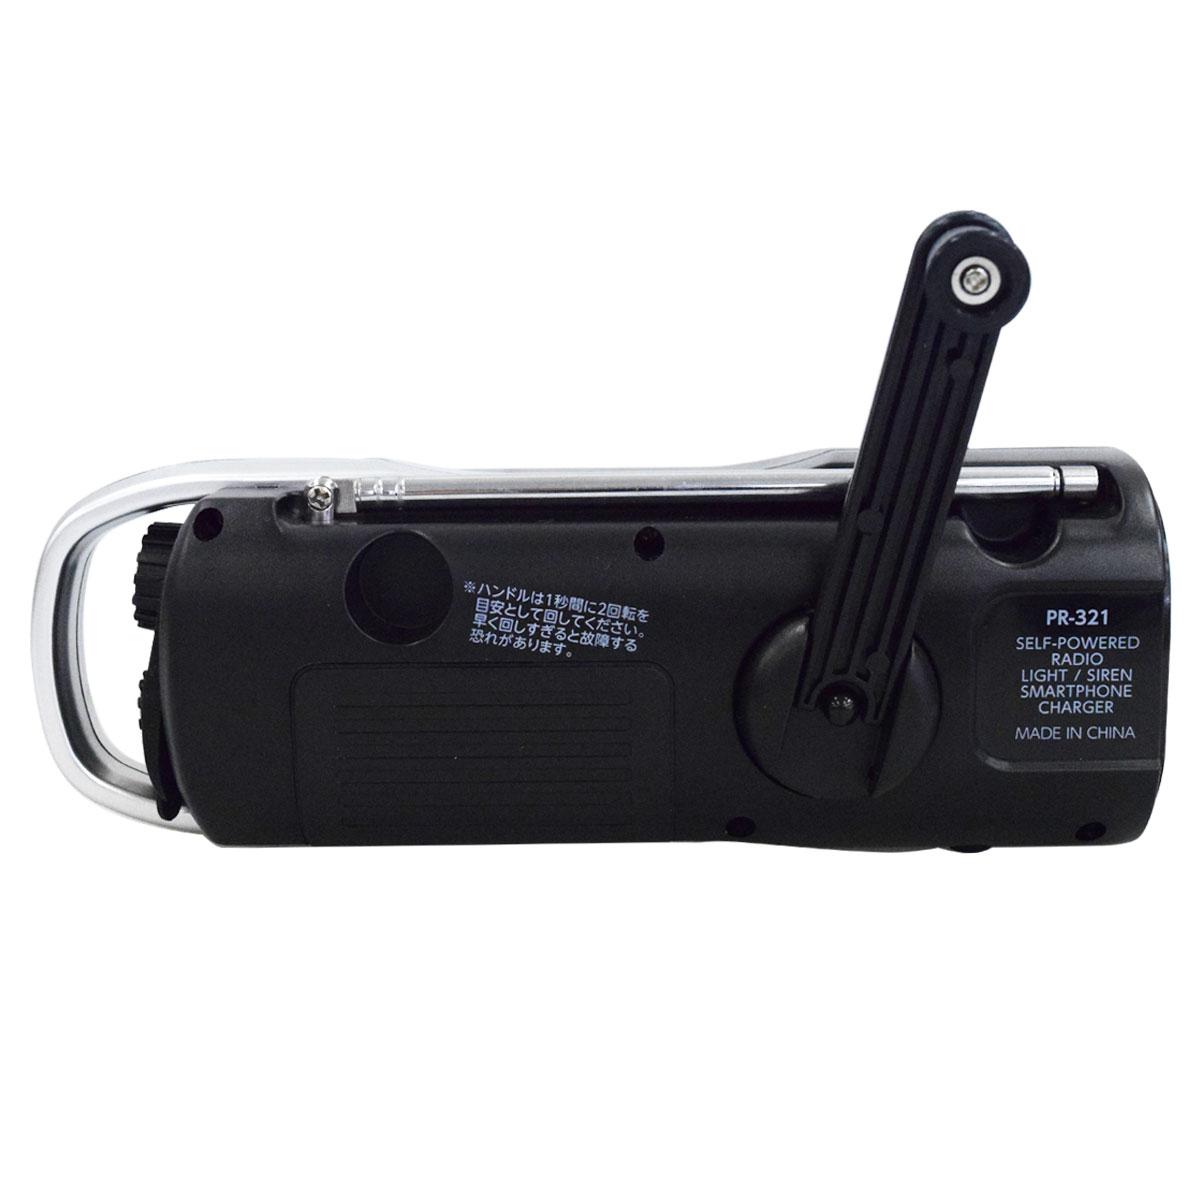 携帯充電機能付 充電ラジオライト